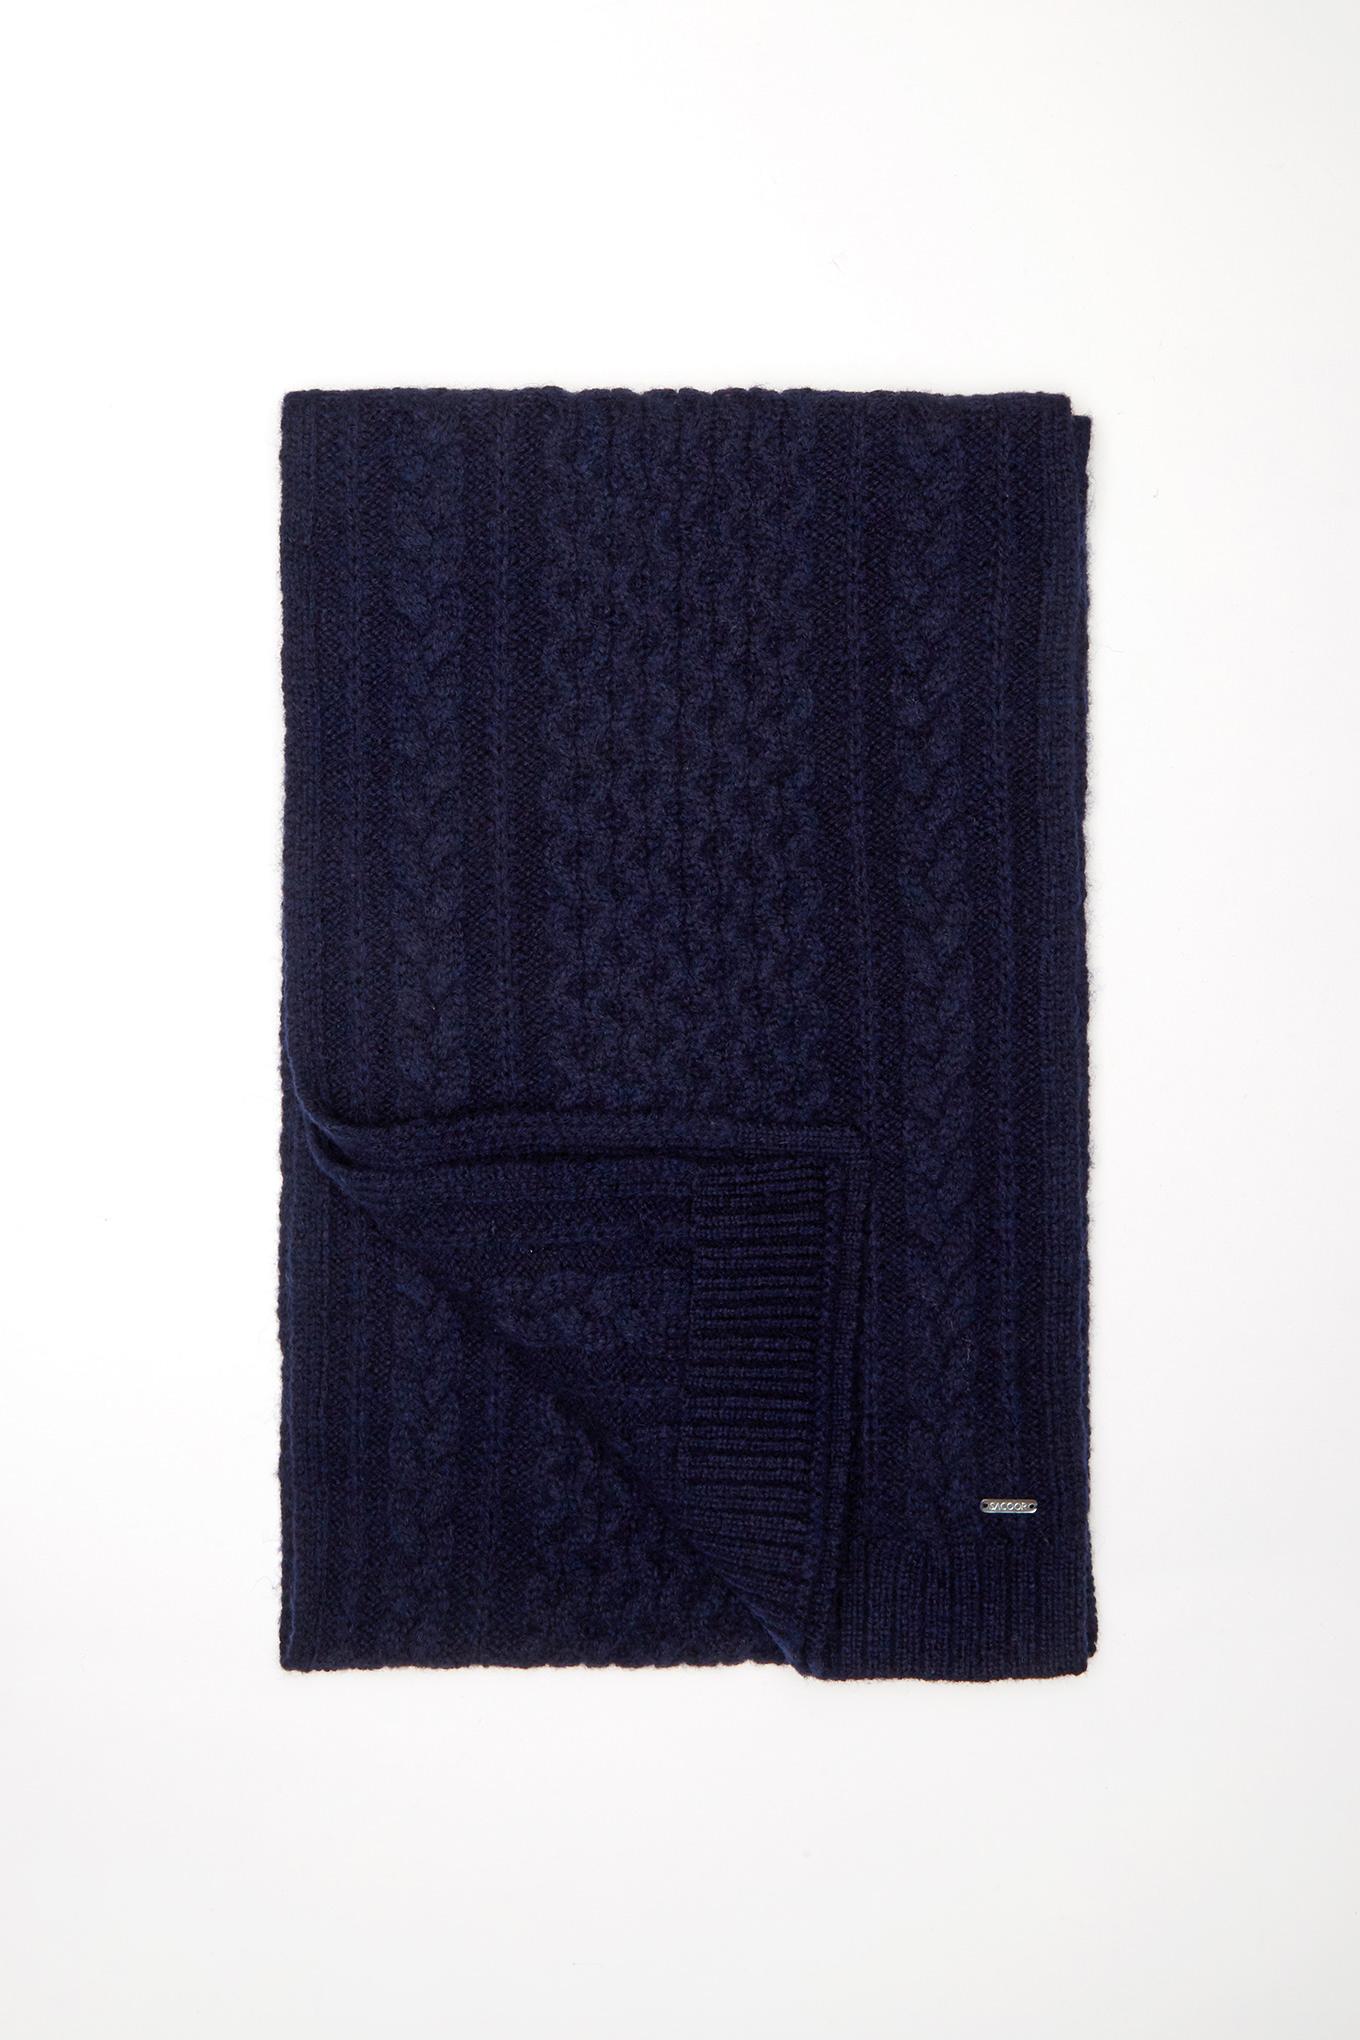 Cachecol/Echarpe Azul Escuro Casual Homem